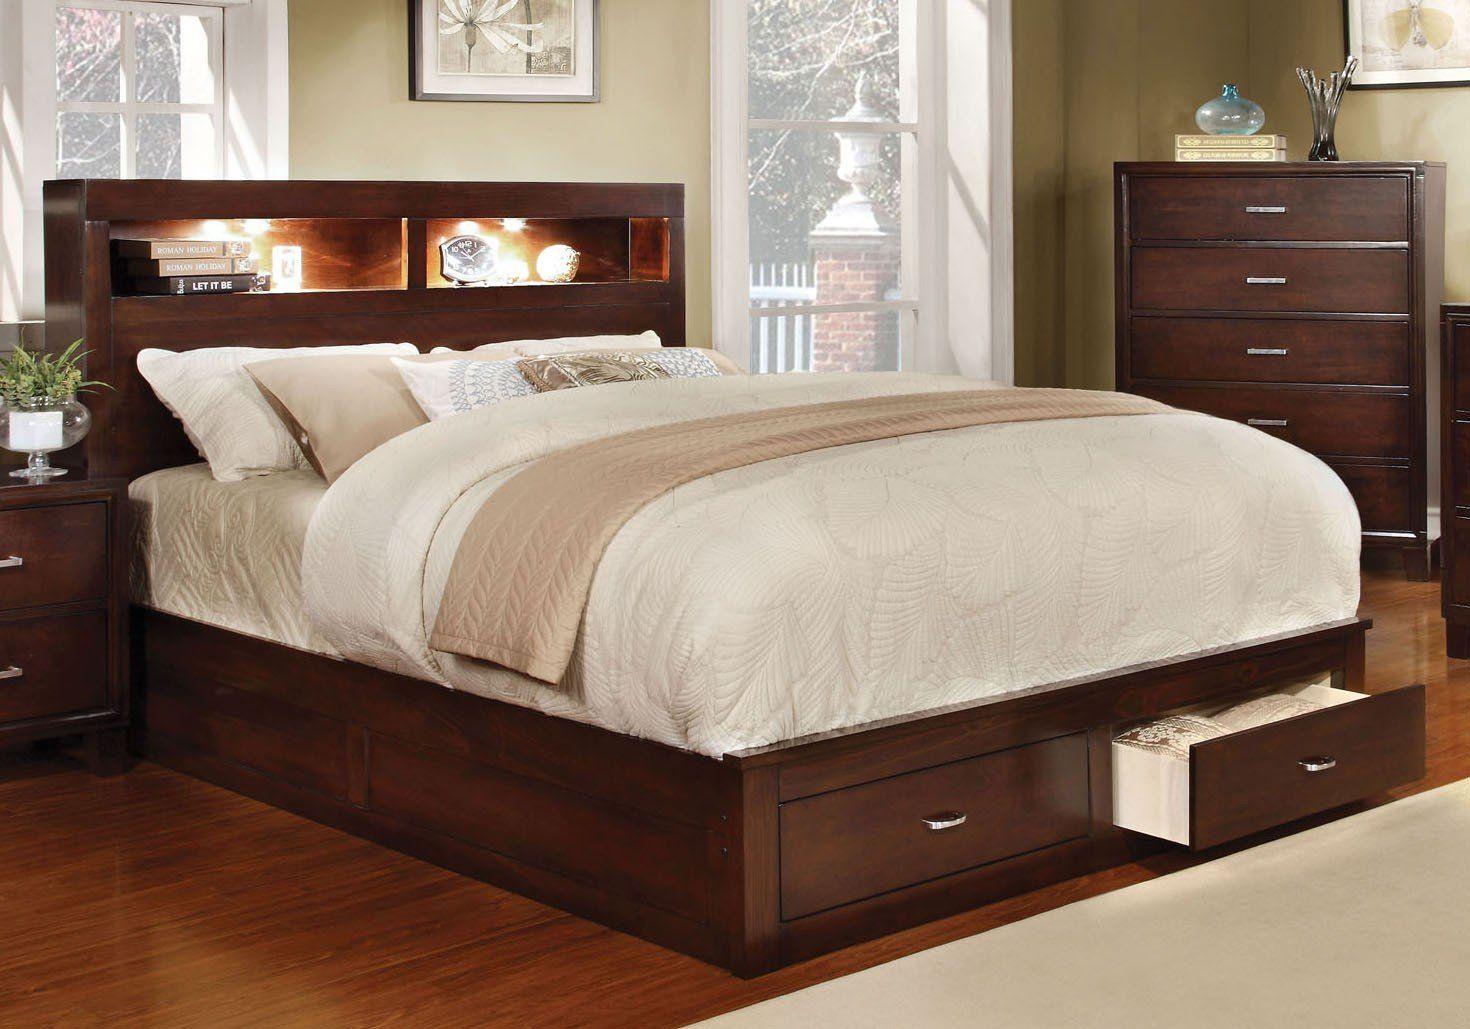 Gerico II CM7291CH-Q Brown Cherry Finish Queen Storage Platform Bed